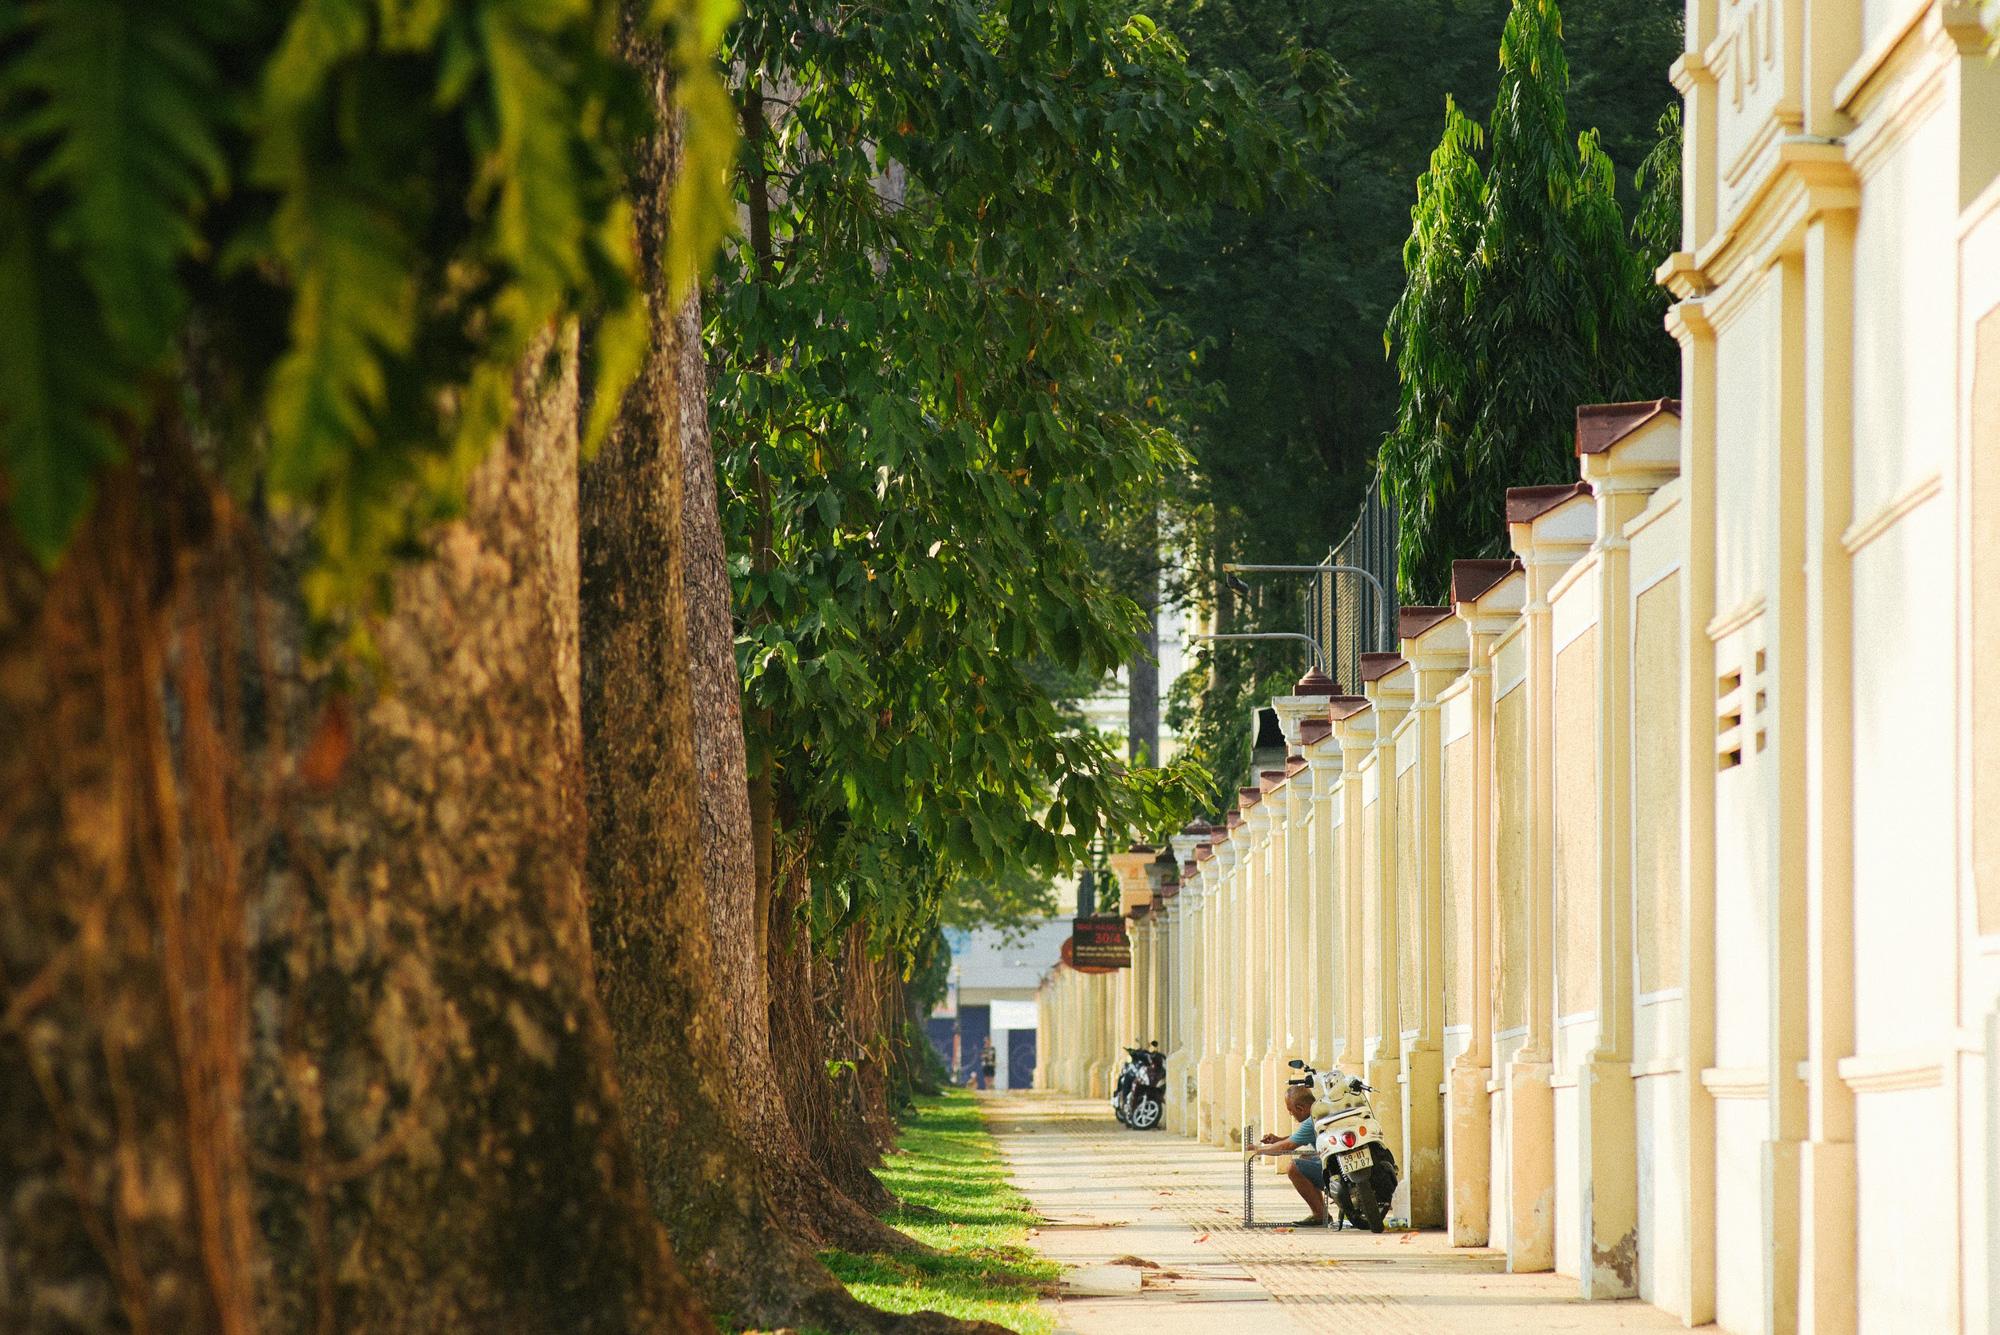 Sài Gòn mùa giao đồ ăn tận nhà và những câu chuyện đầy cảm hứng ấm áp - Ảnh 1.